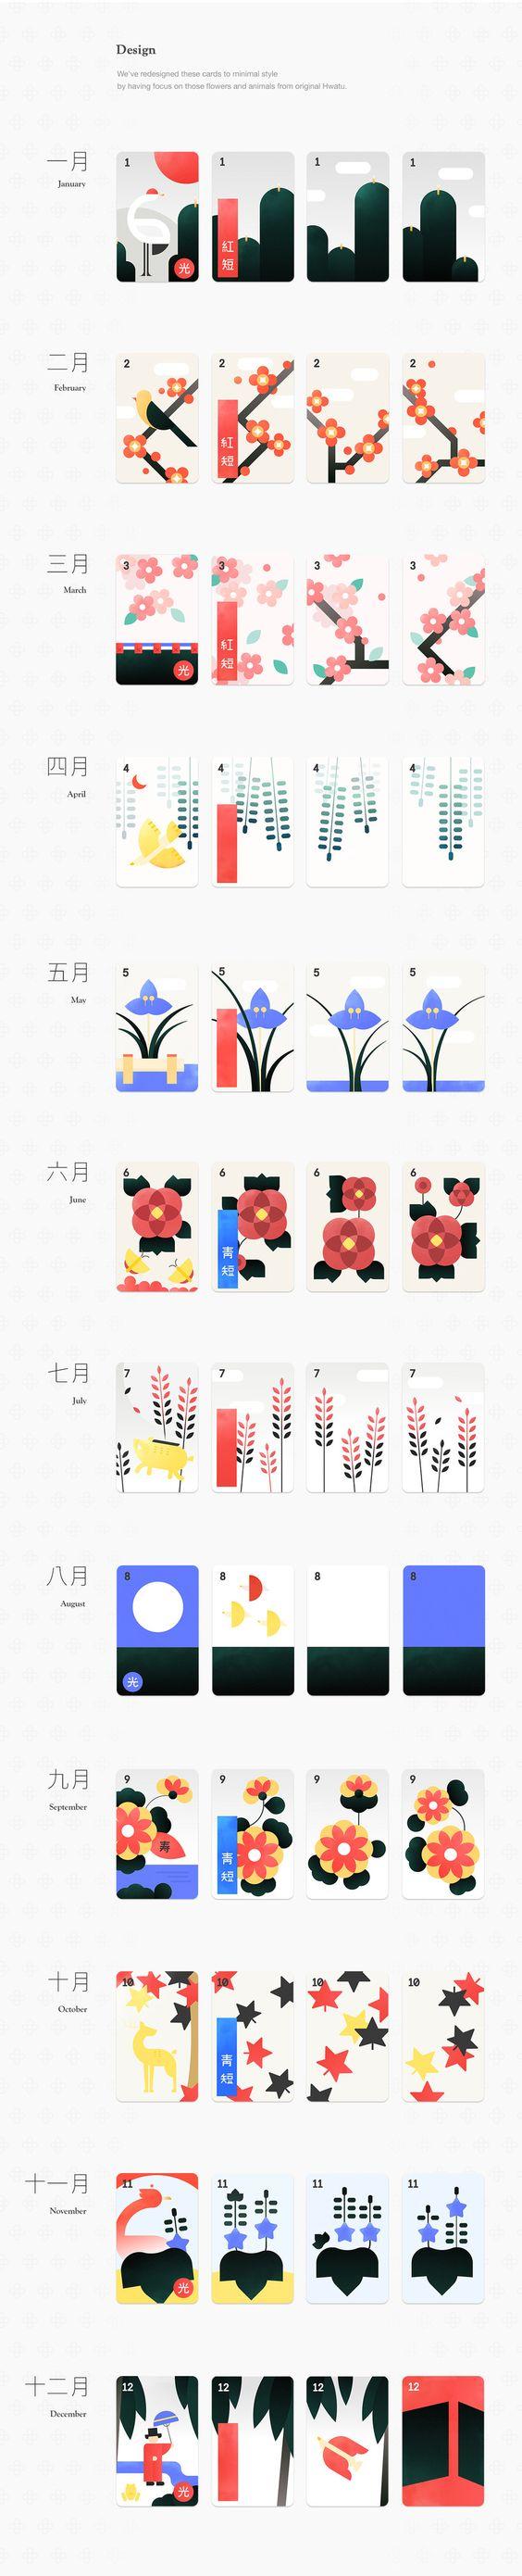 화투 리디자인 - 영상/모션그래픽 · UI/UX, 영상/모션그래픽, UI/UX, 그래픽 디자인, 디지털 아트